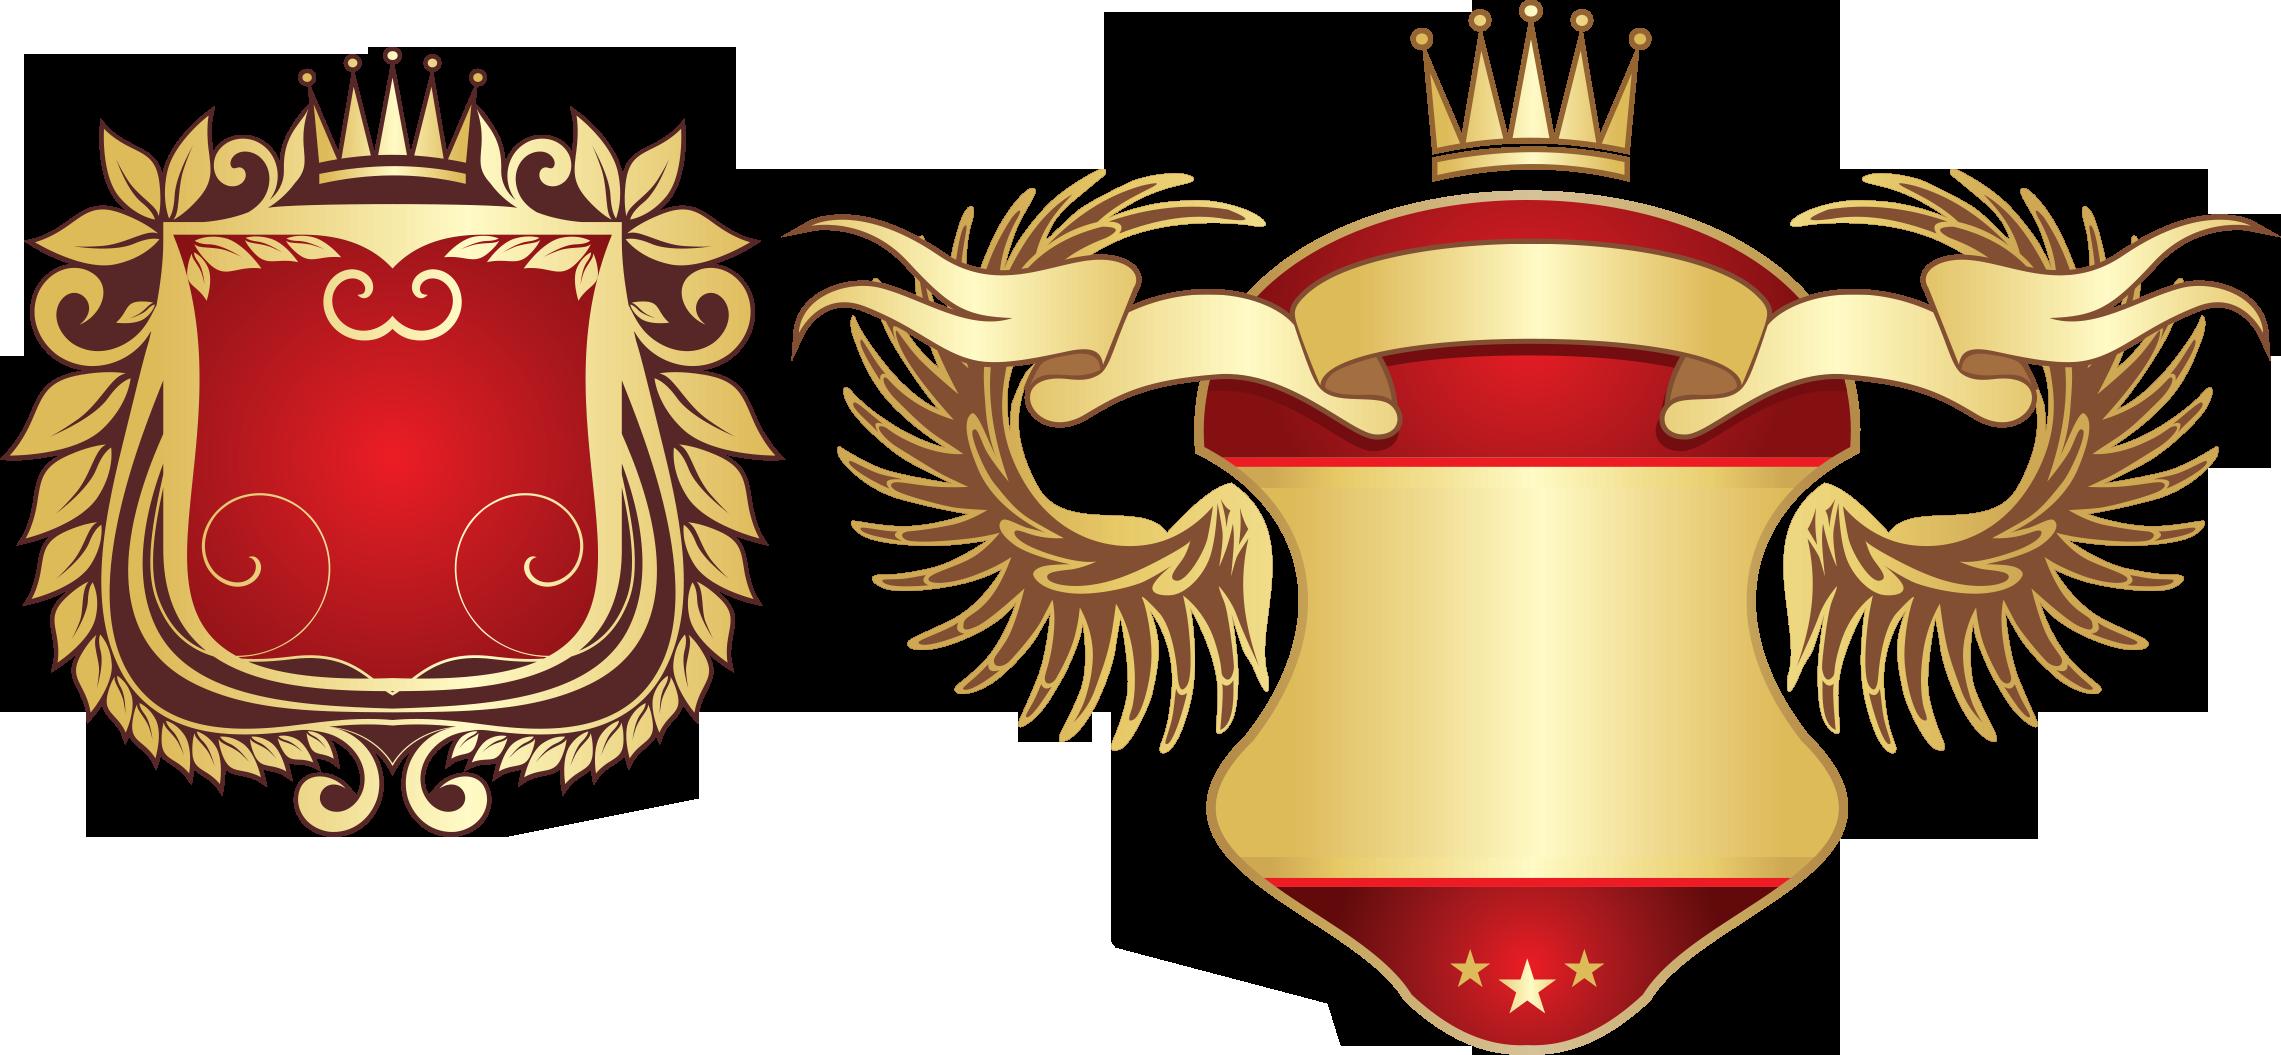 Coat of arms ornament. Clipart shield emblem